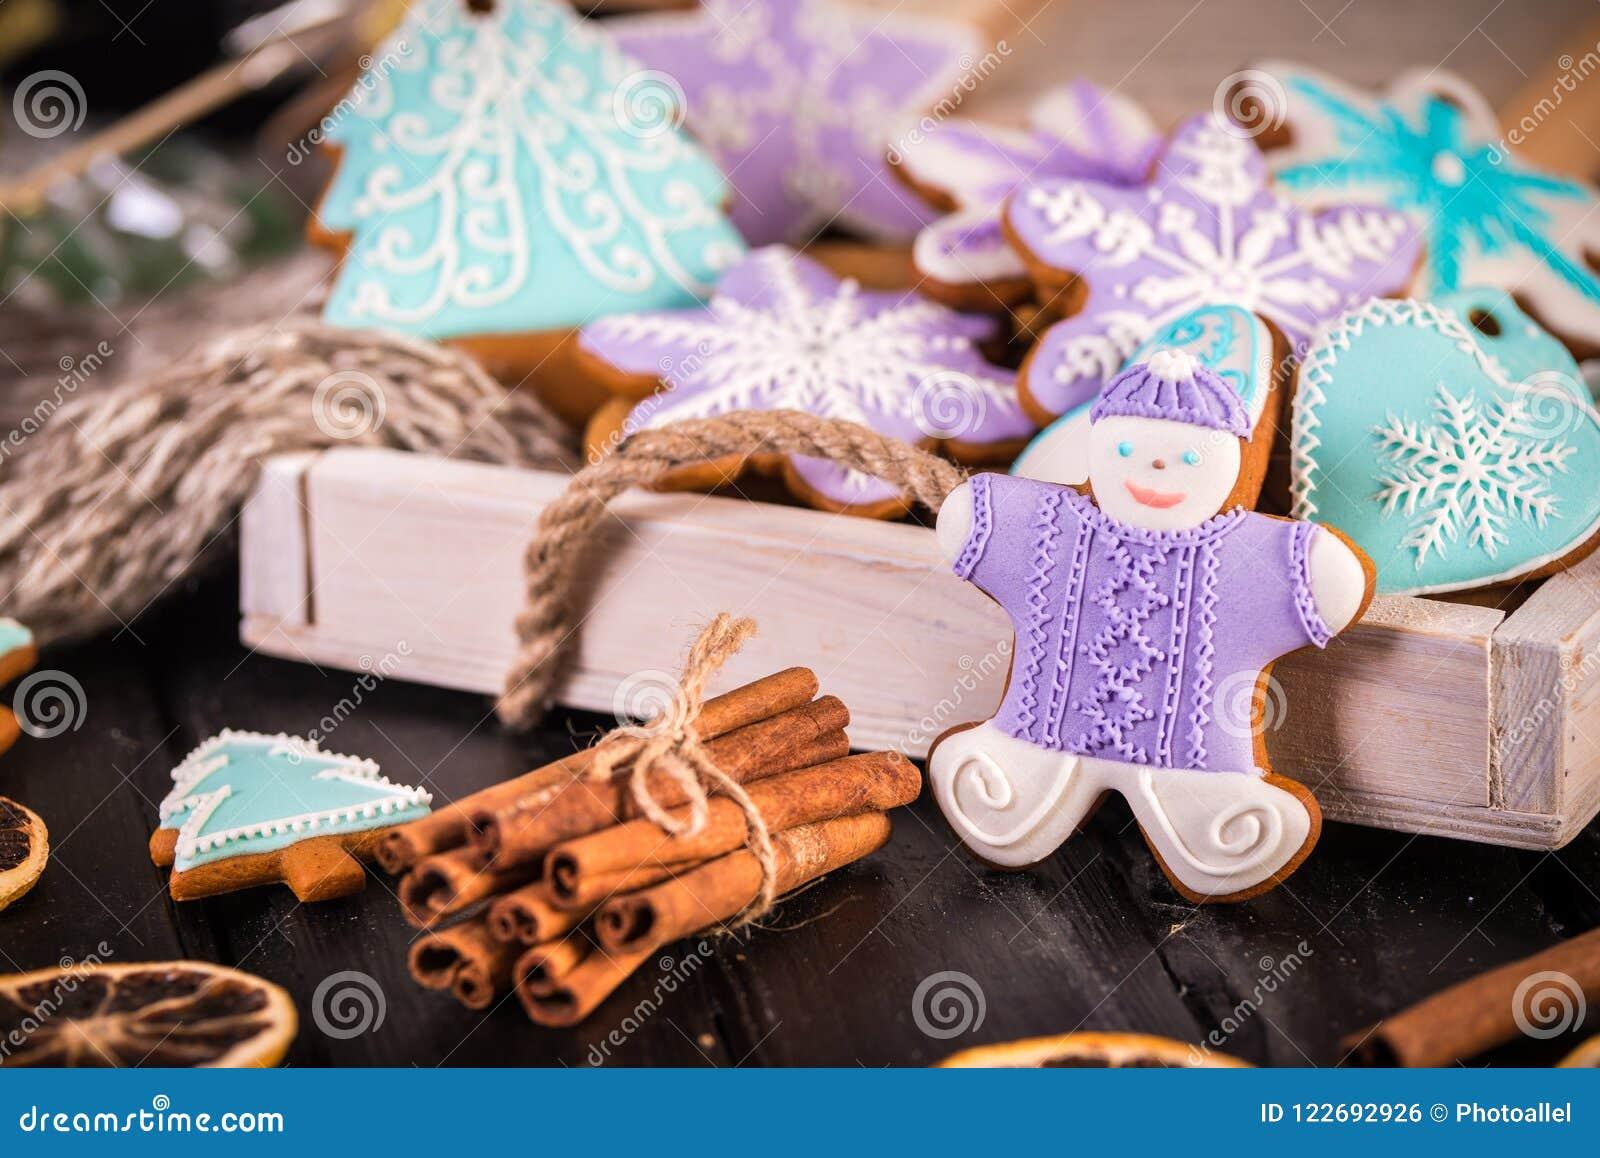 Christmas Cookies 2019 Christmas 2019